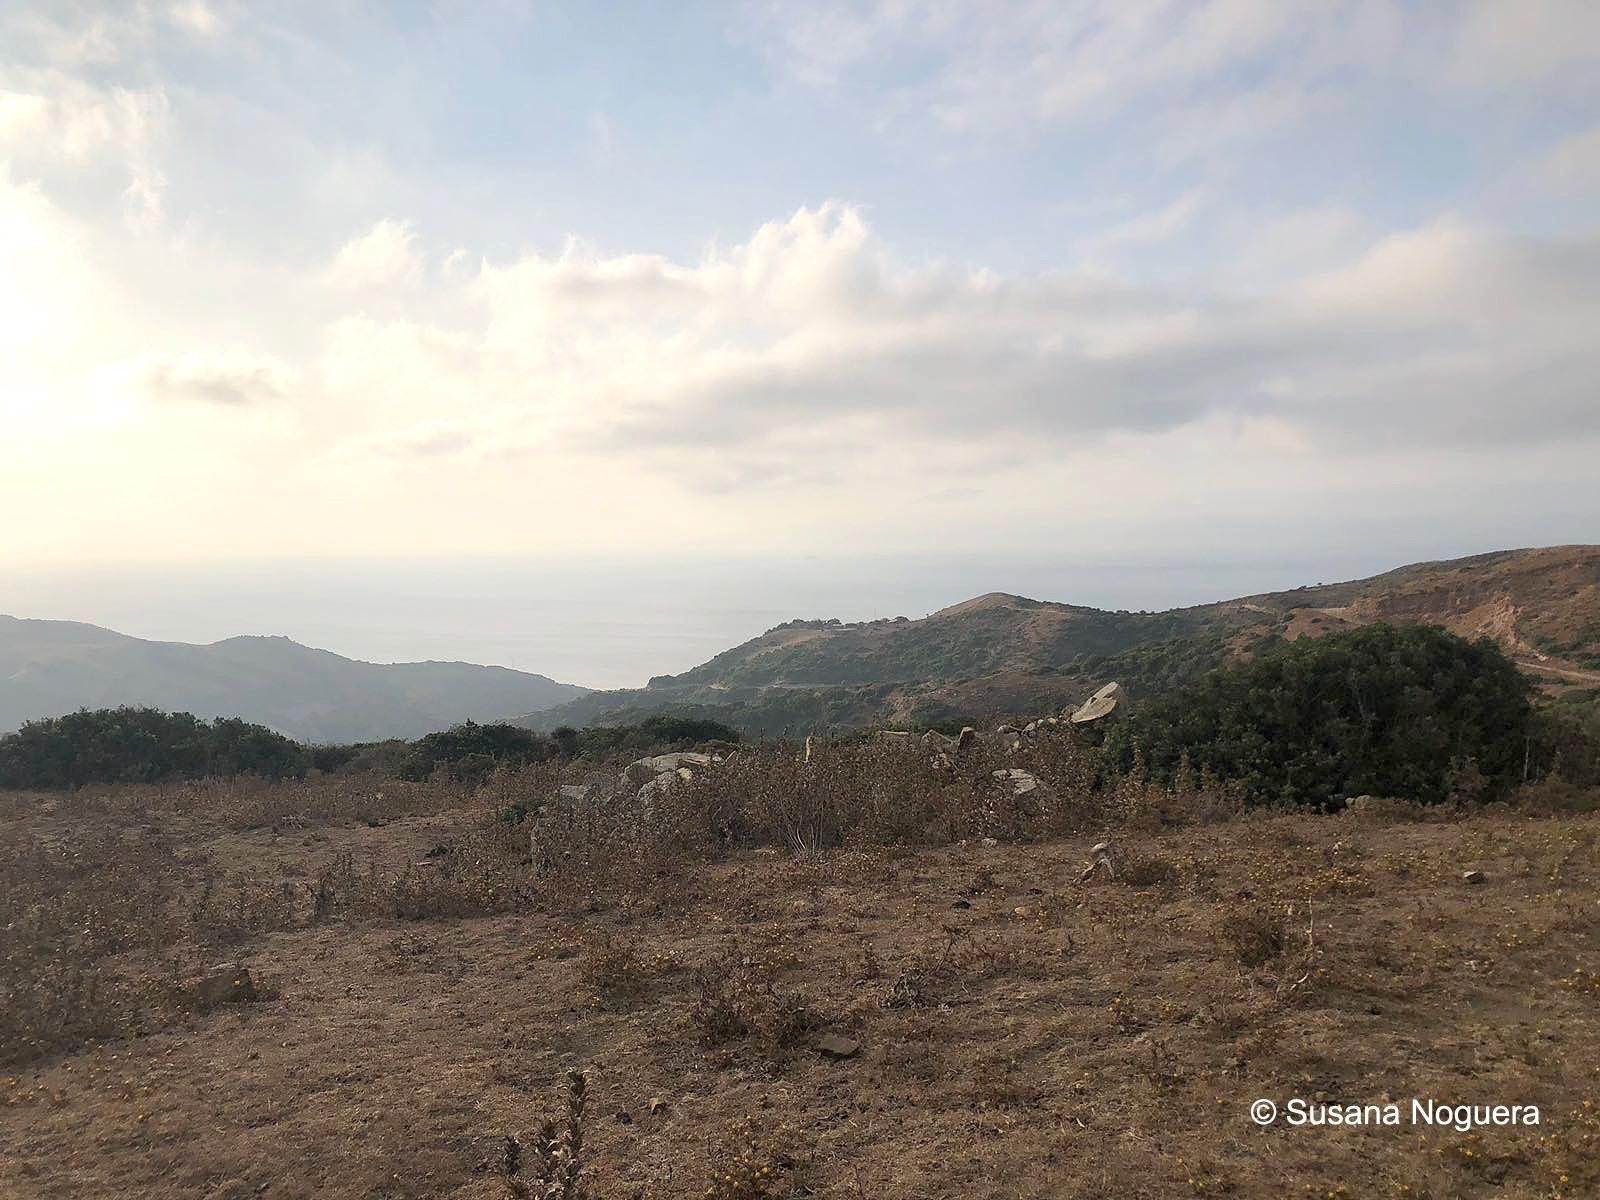 África cubierta vista desde el observatorio de Las Antenas. Imagen: Susana Noguera